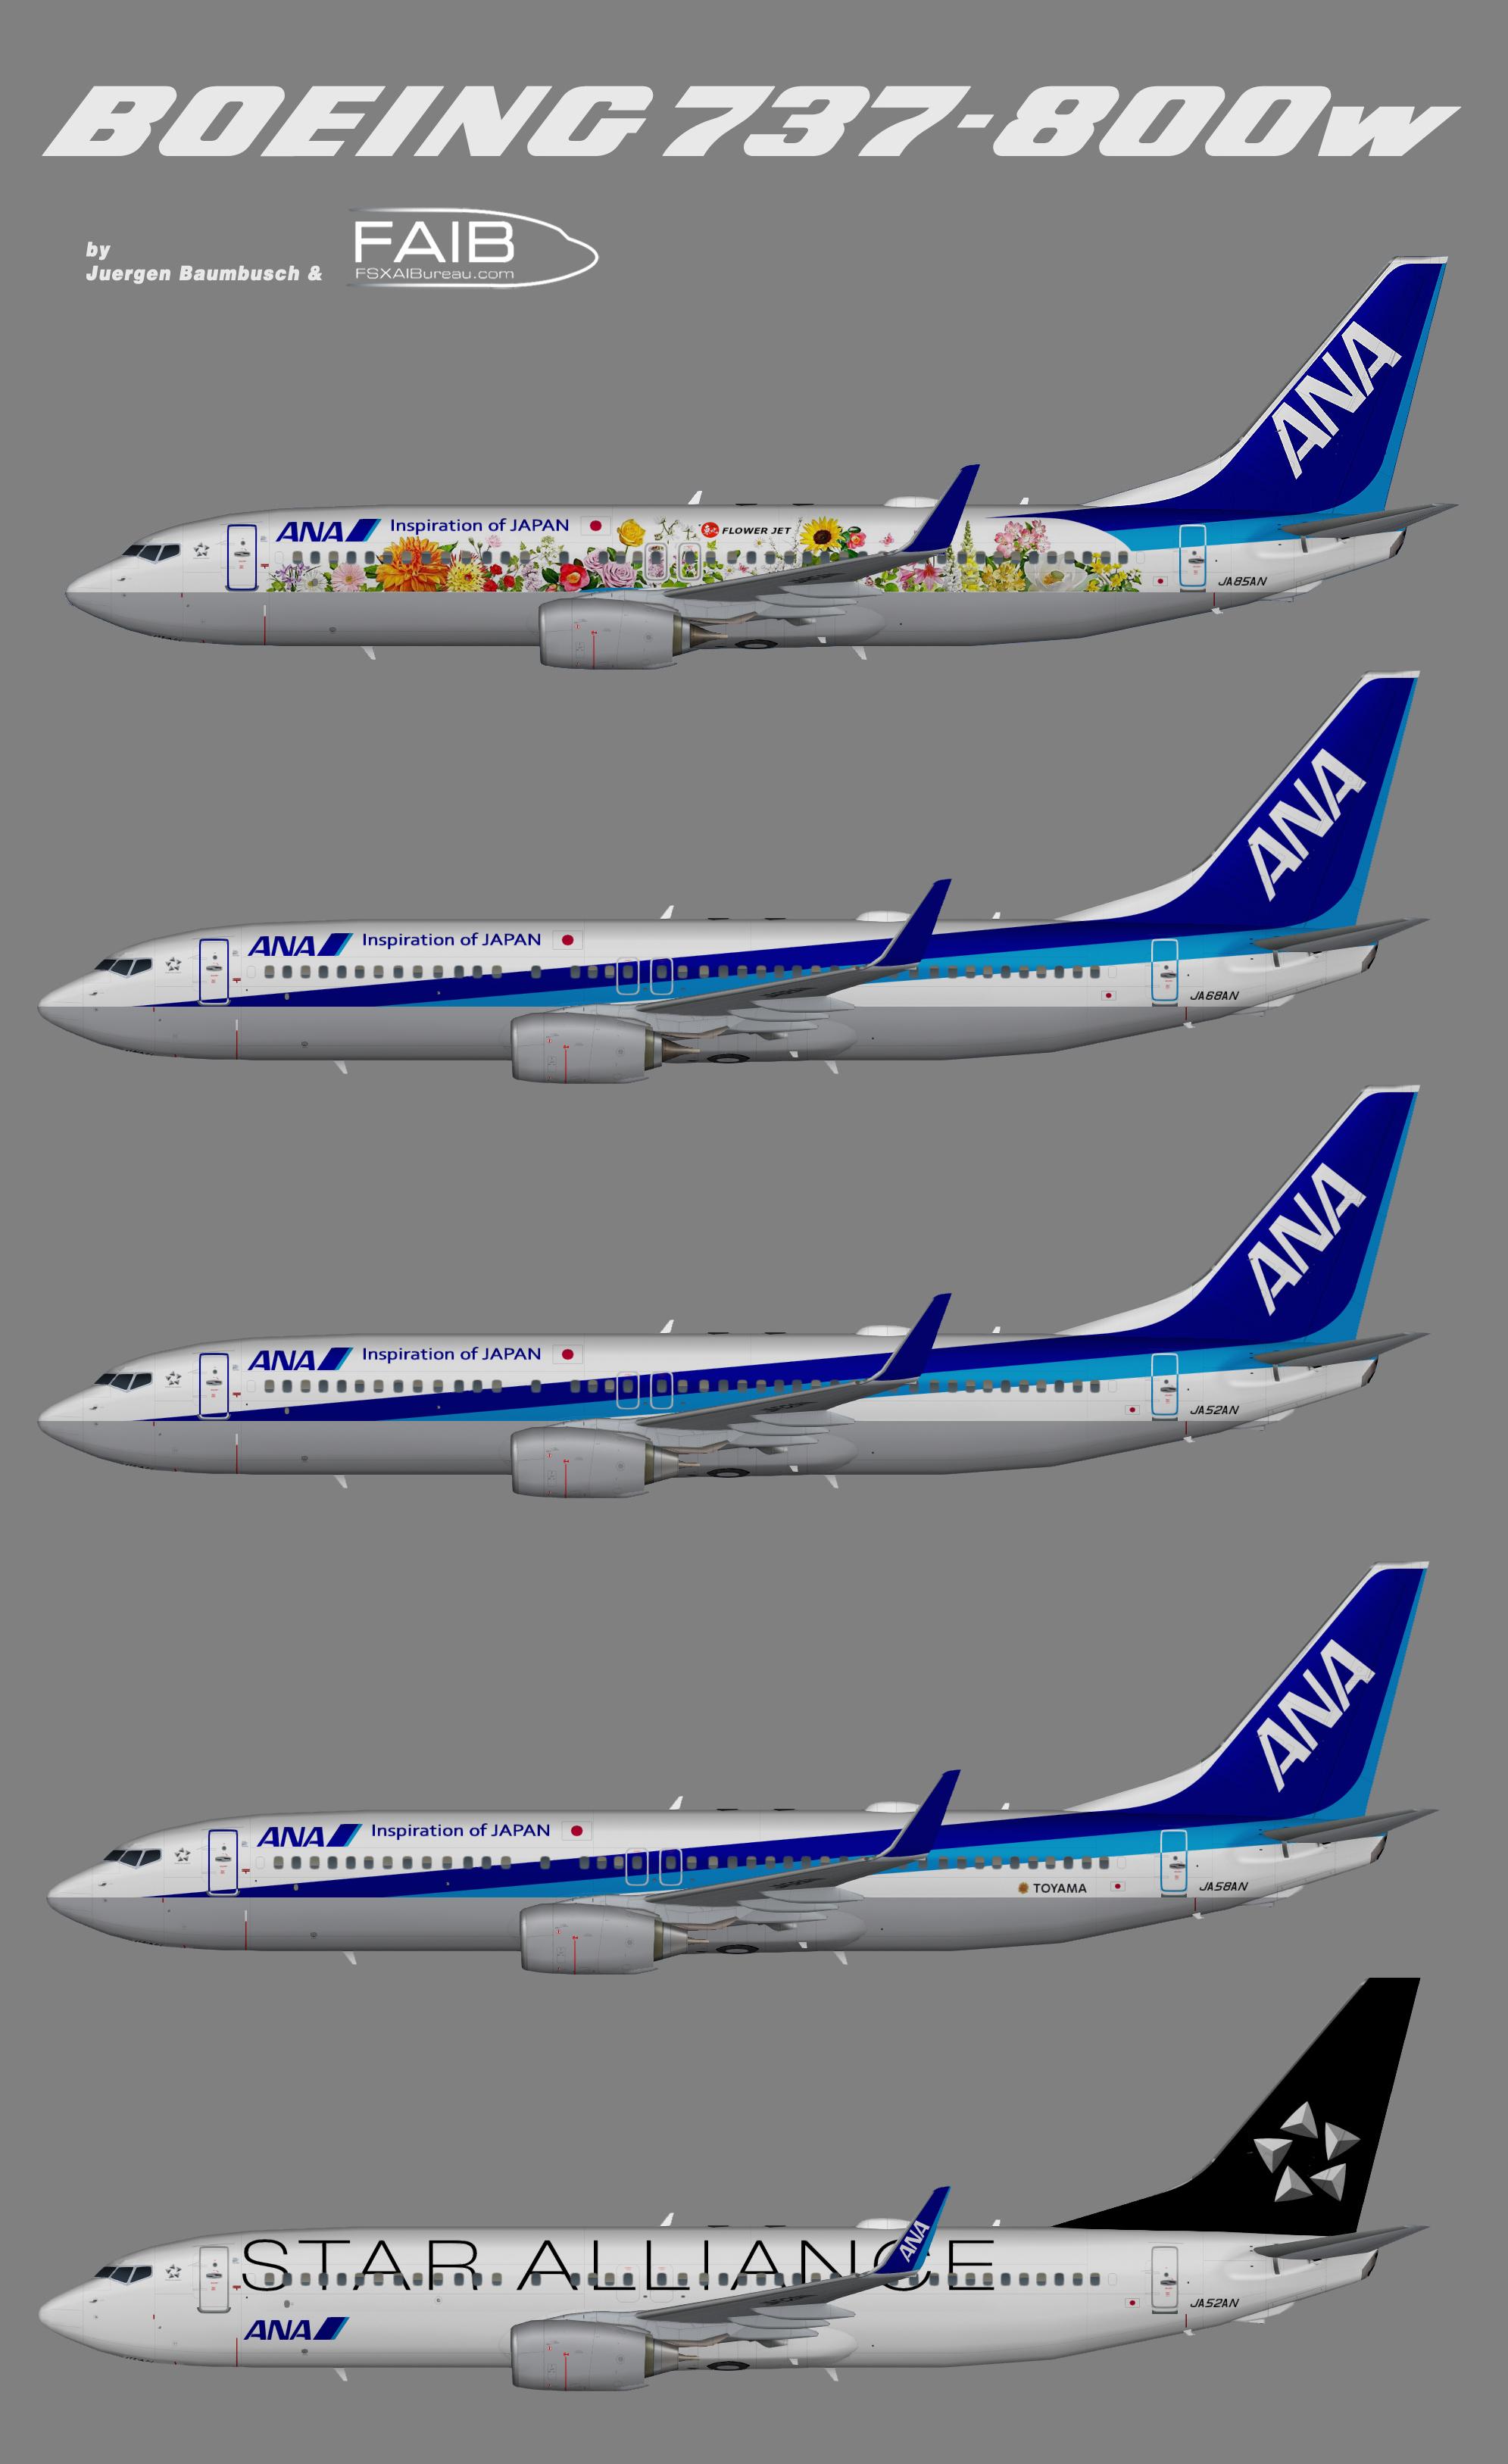 All Nippon Airways Boeing 737-800w 'Flower Jet'